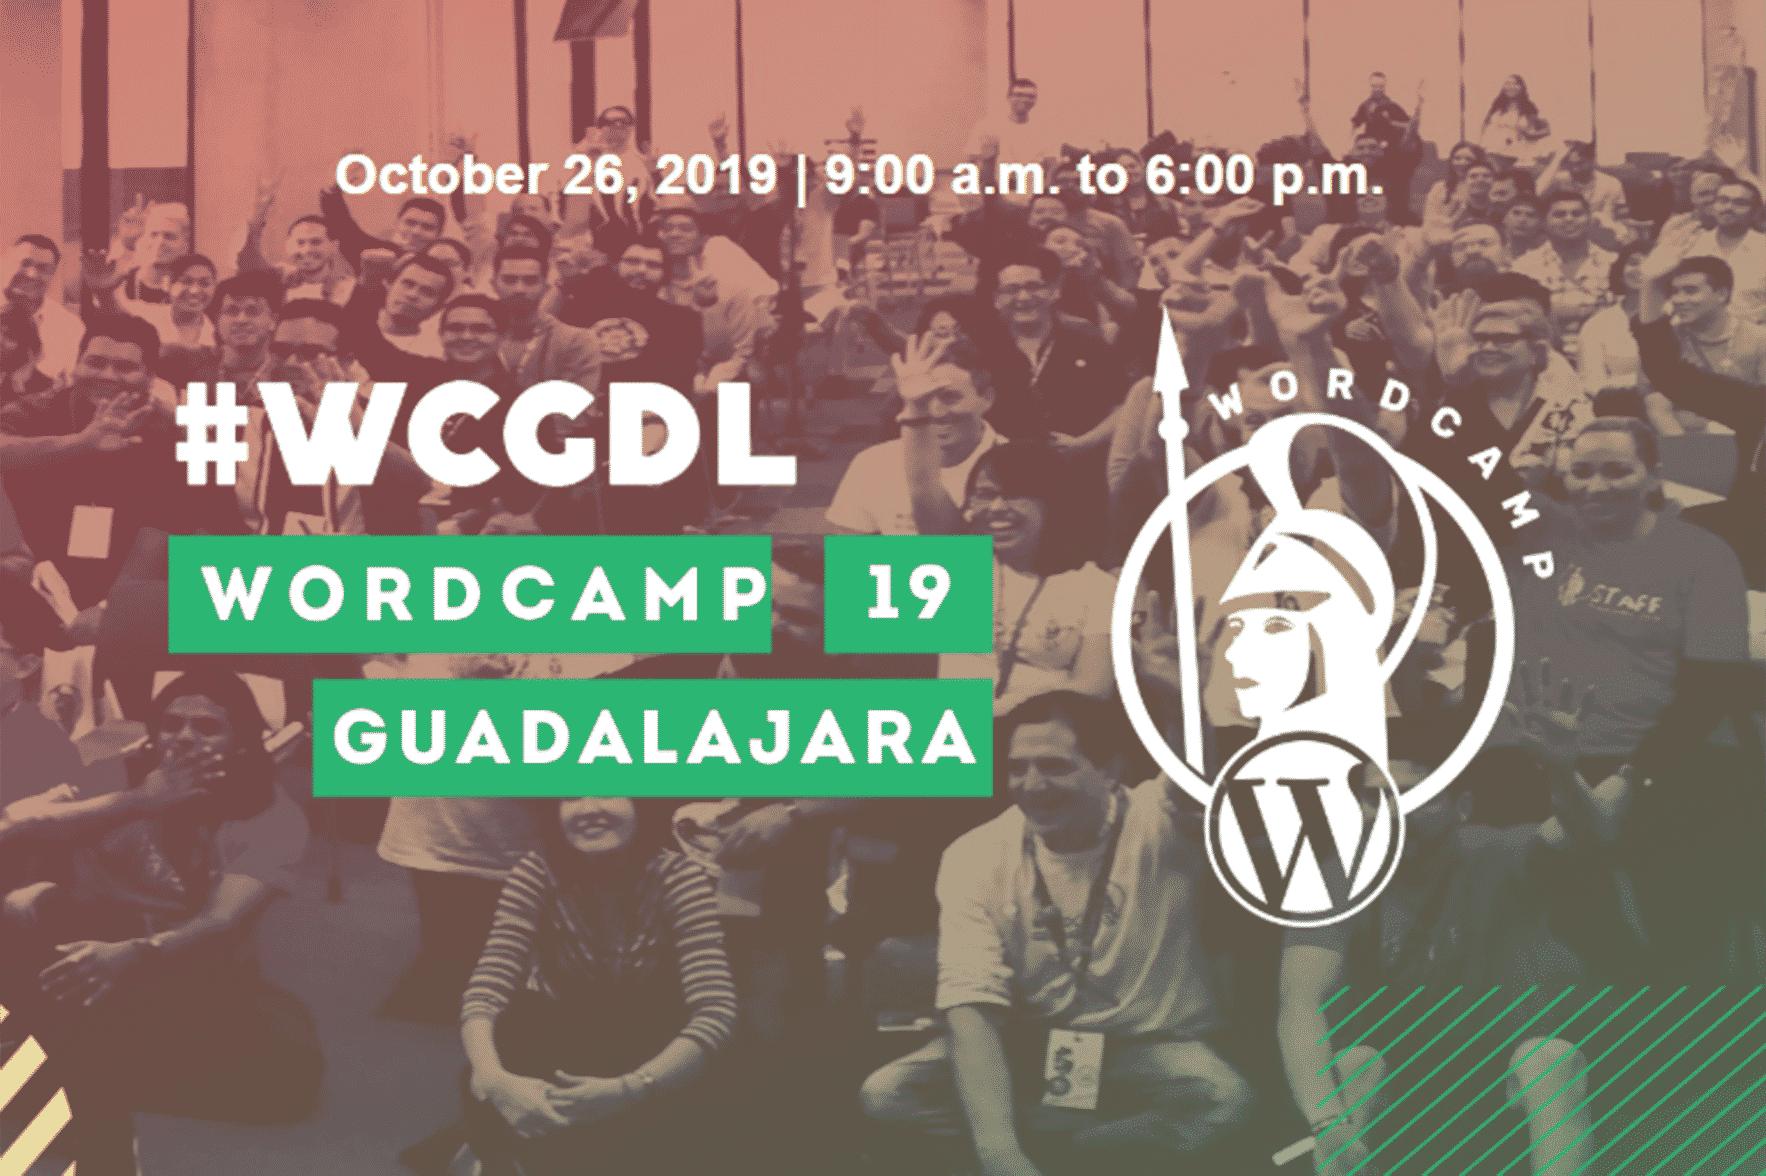 Wordcamp Guadalajara